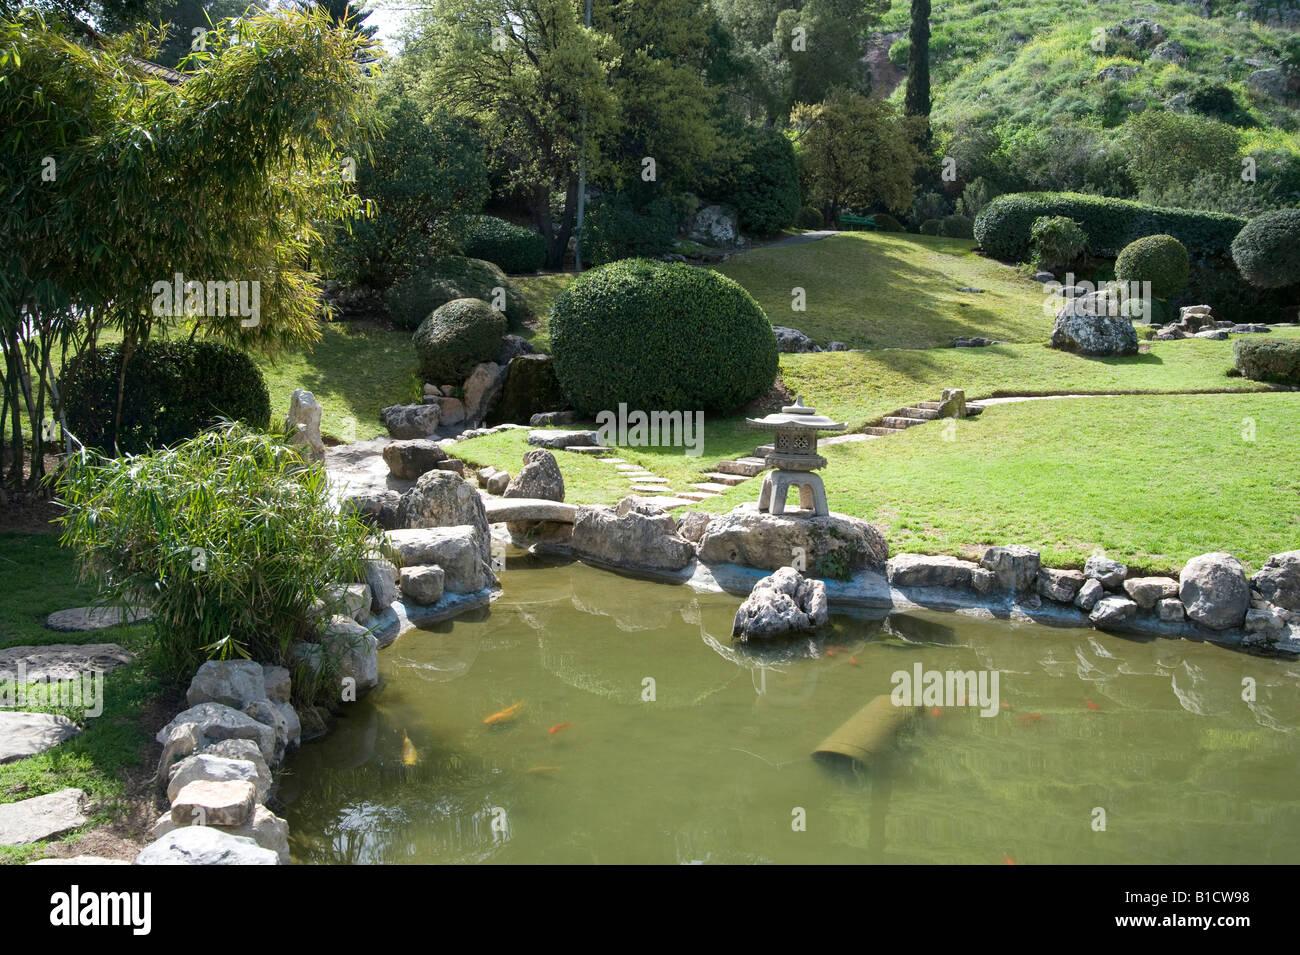 Israel Jezreel Valley Kibbutz Heftziba Japanese Garden Built By The Stock Photo Royalty Free